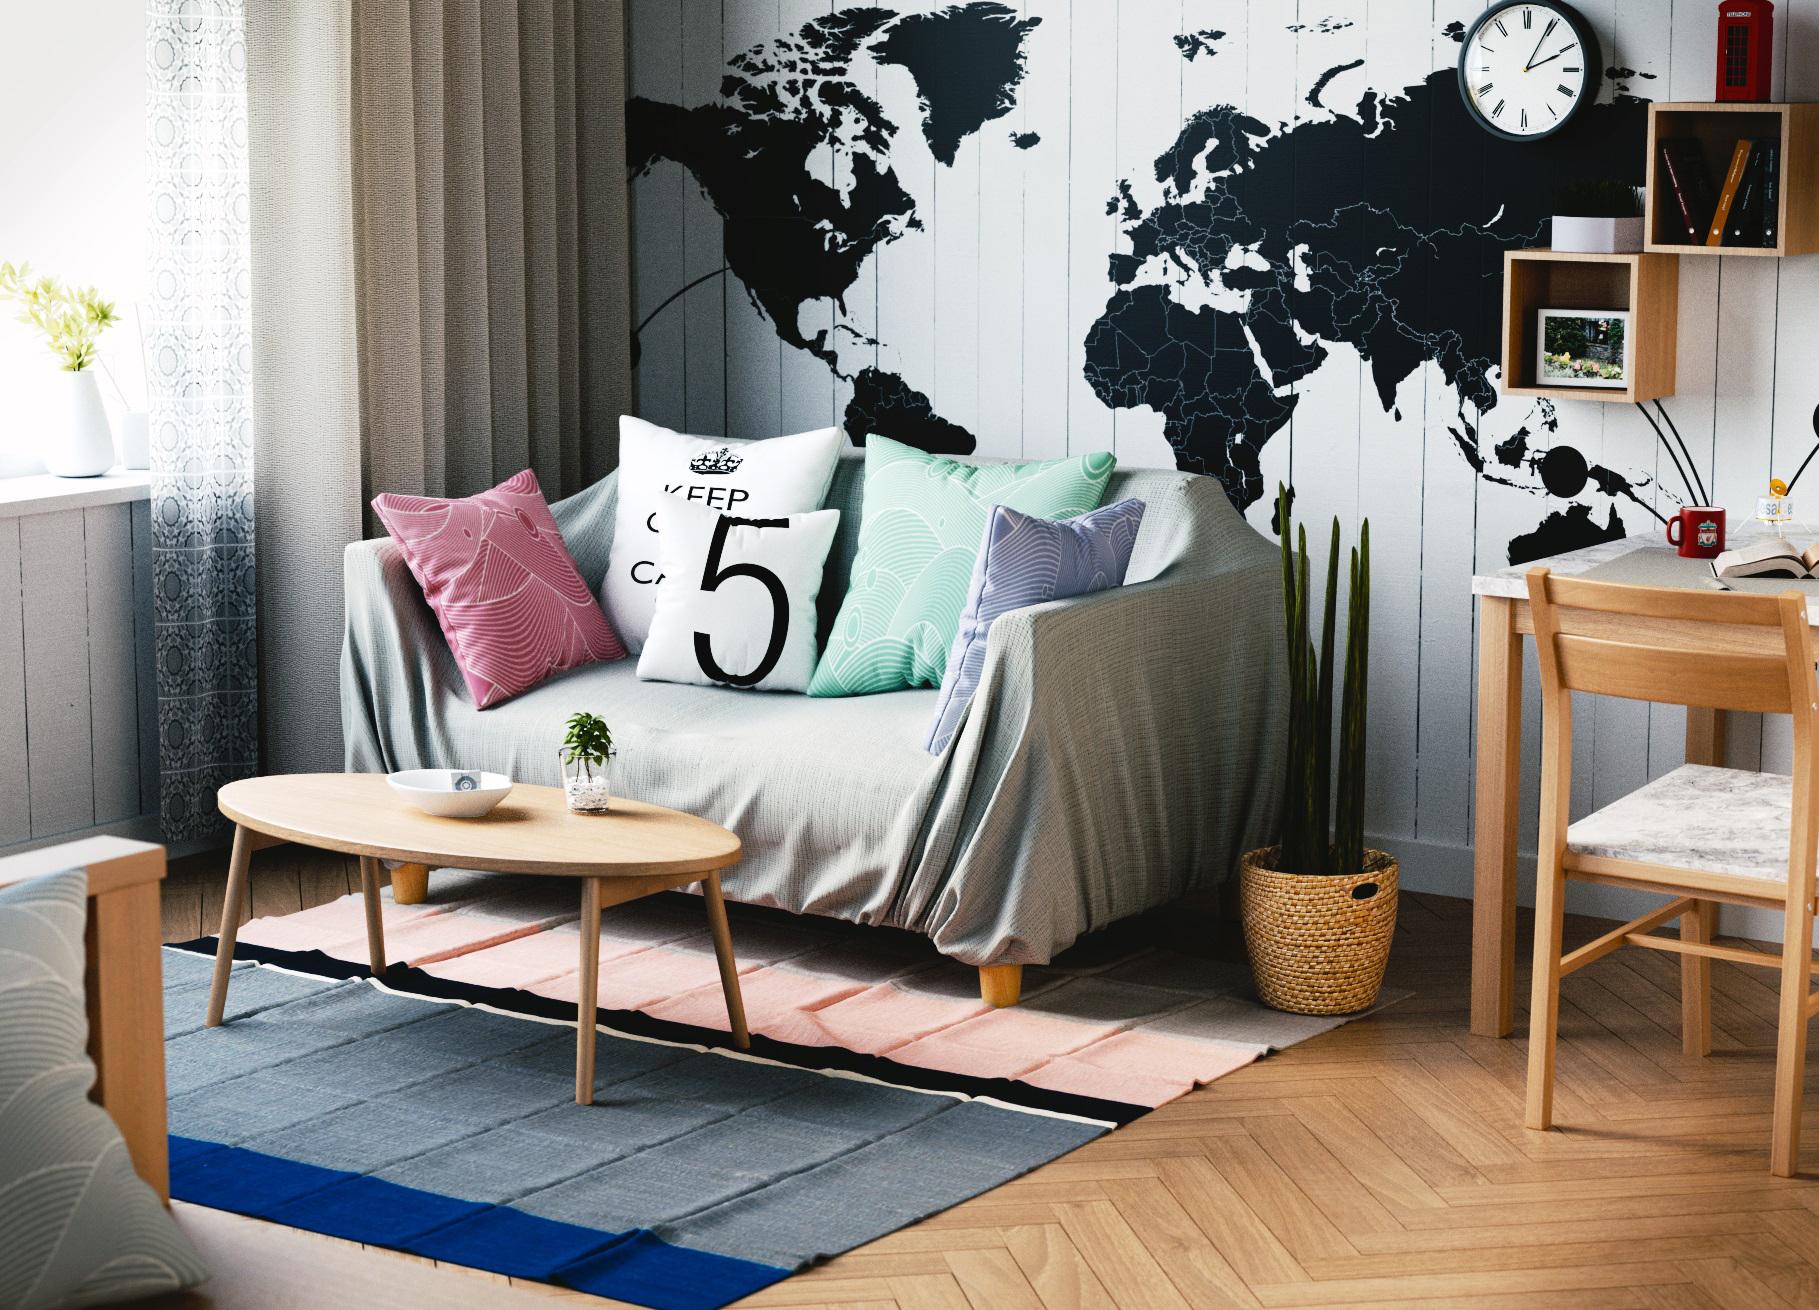 Living Room Blender3D, Blender3D Tuts